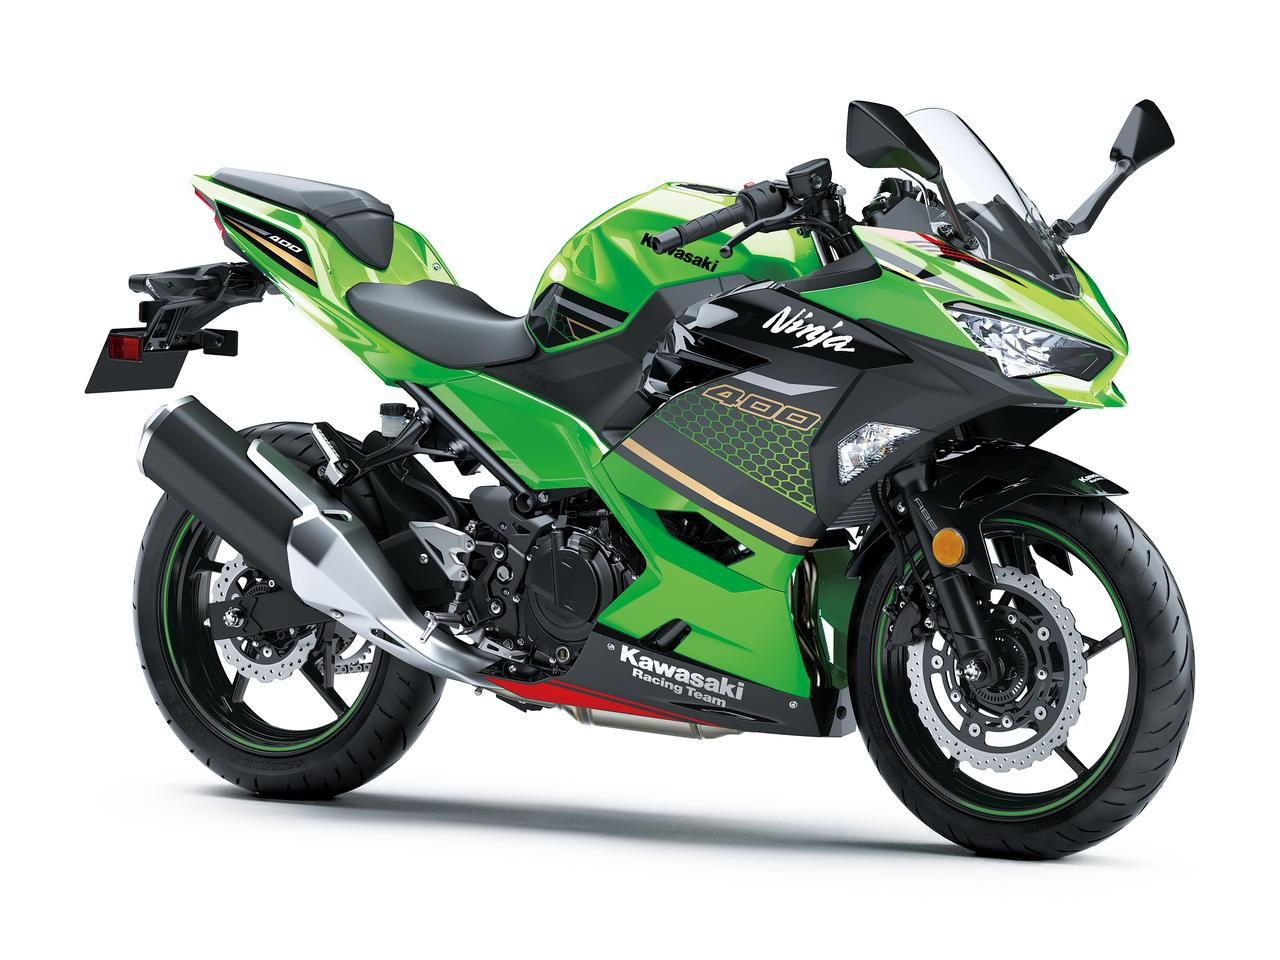 画像7: 【カワサキ】Ninja 400の2020年モデルは9月1日(日)発売開始! カラーバリエーション・アンケート実施中